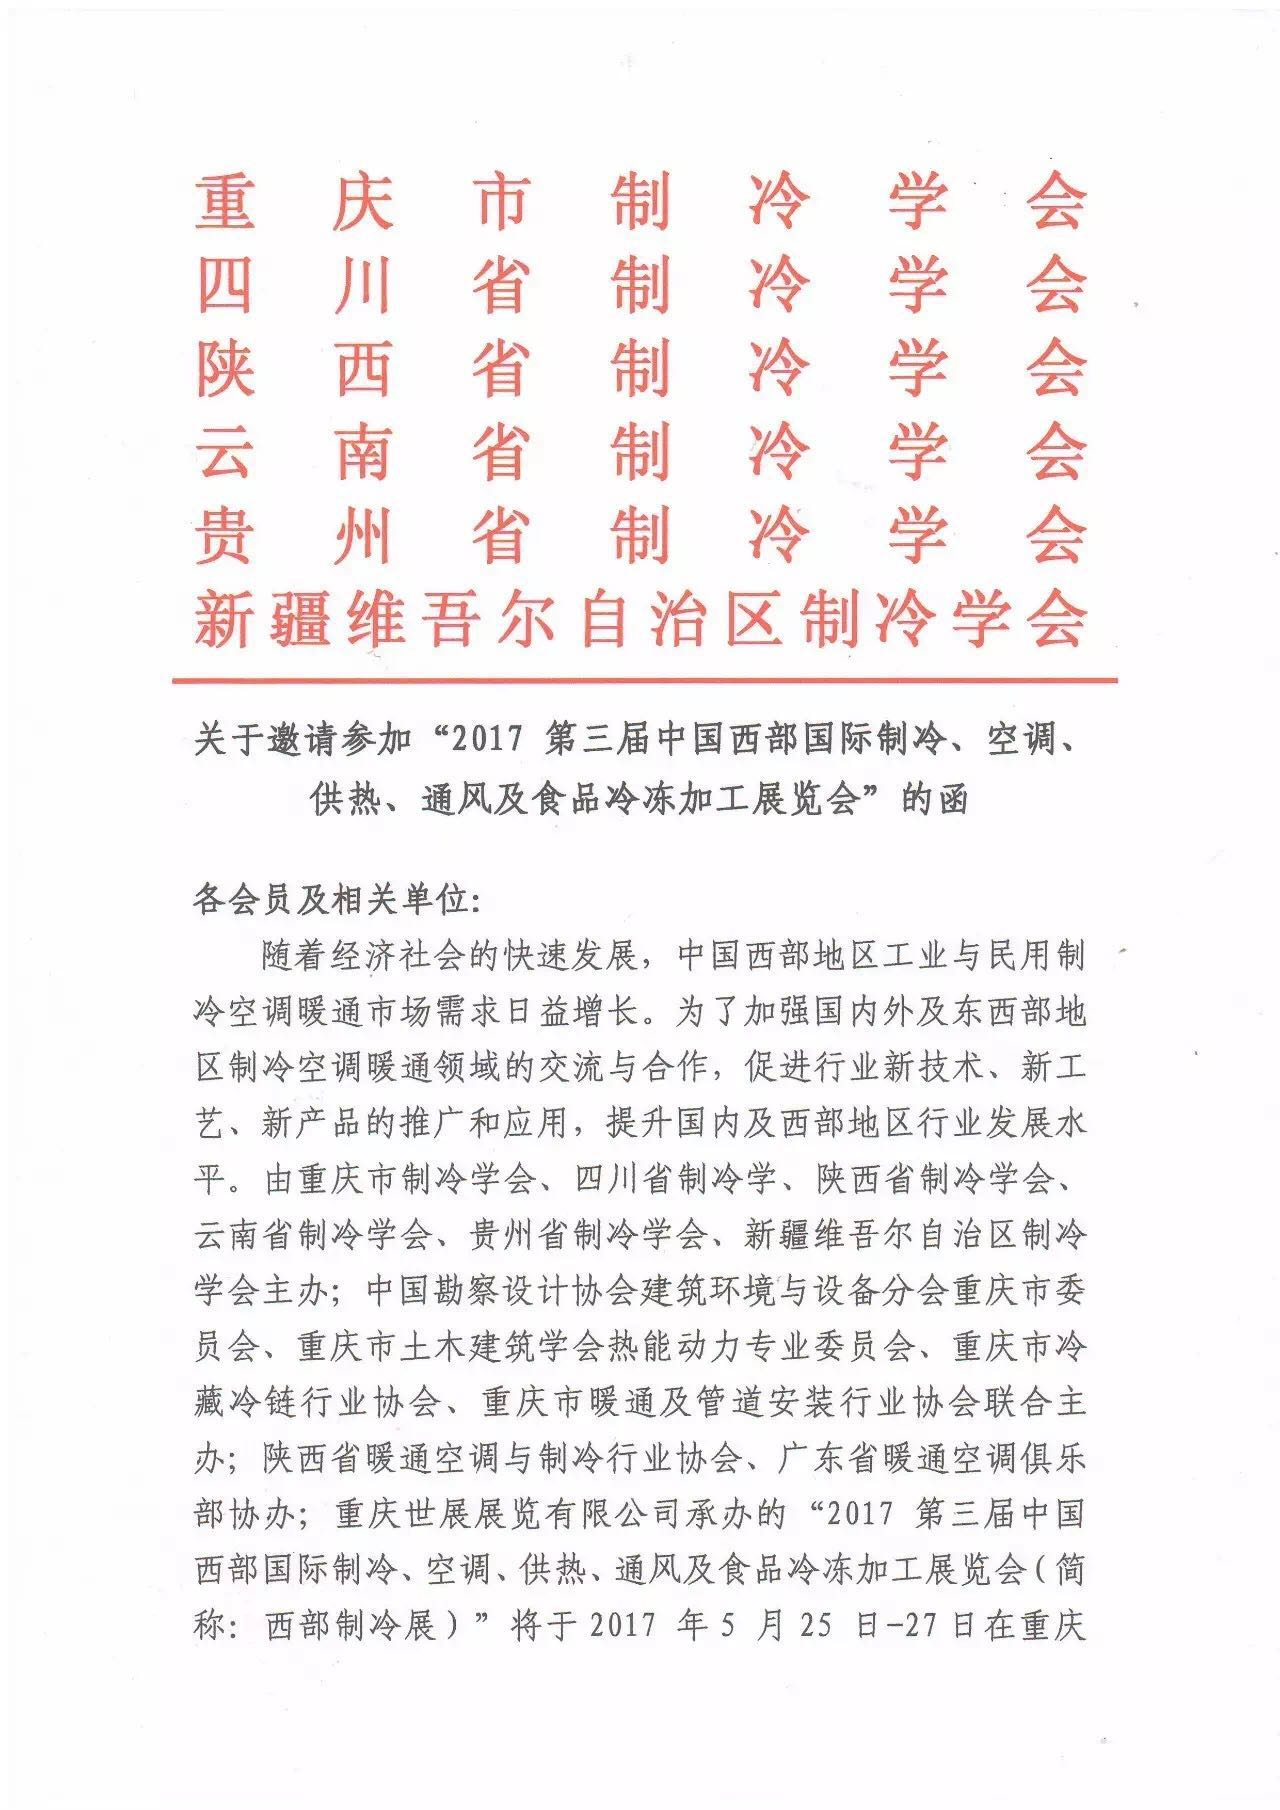 """关于邀请请参加""""2017第三届中国西部国际制冷、空调、供热、通风及食品冷冻加工展览会""""的函"""